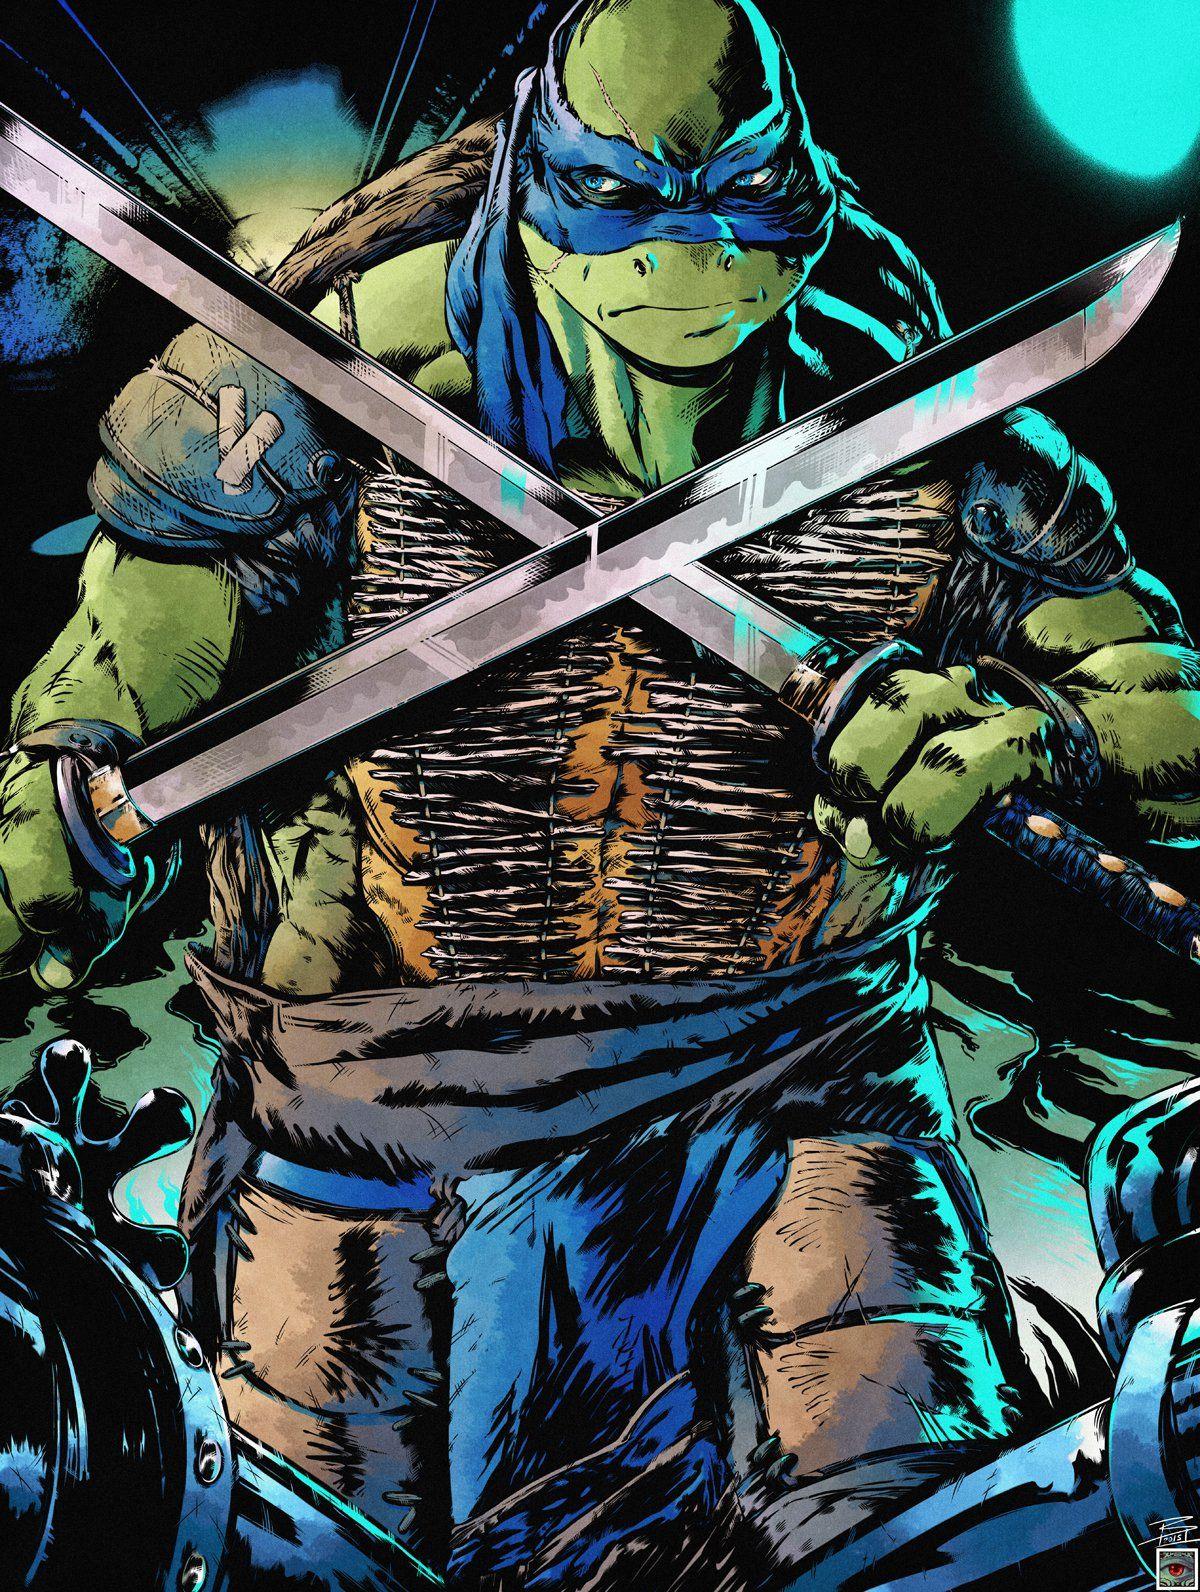 TMNT X Reader - | TMNT | Tmnt, Ninja turtles, Leonardo tmnt